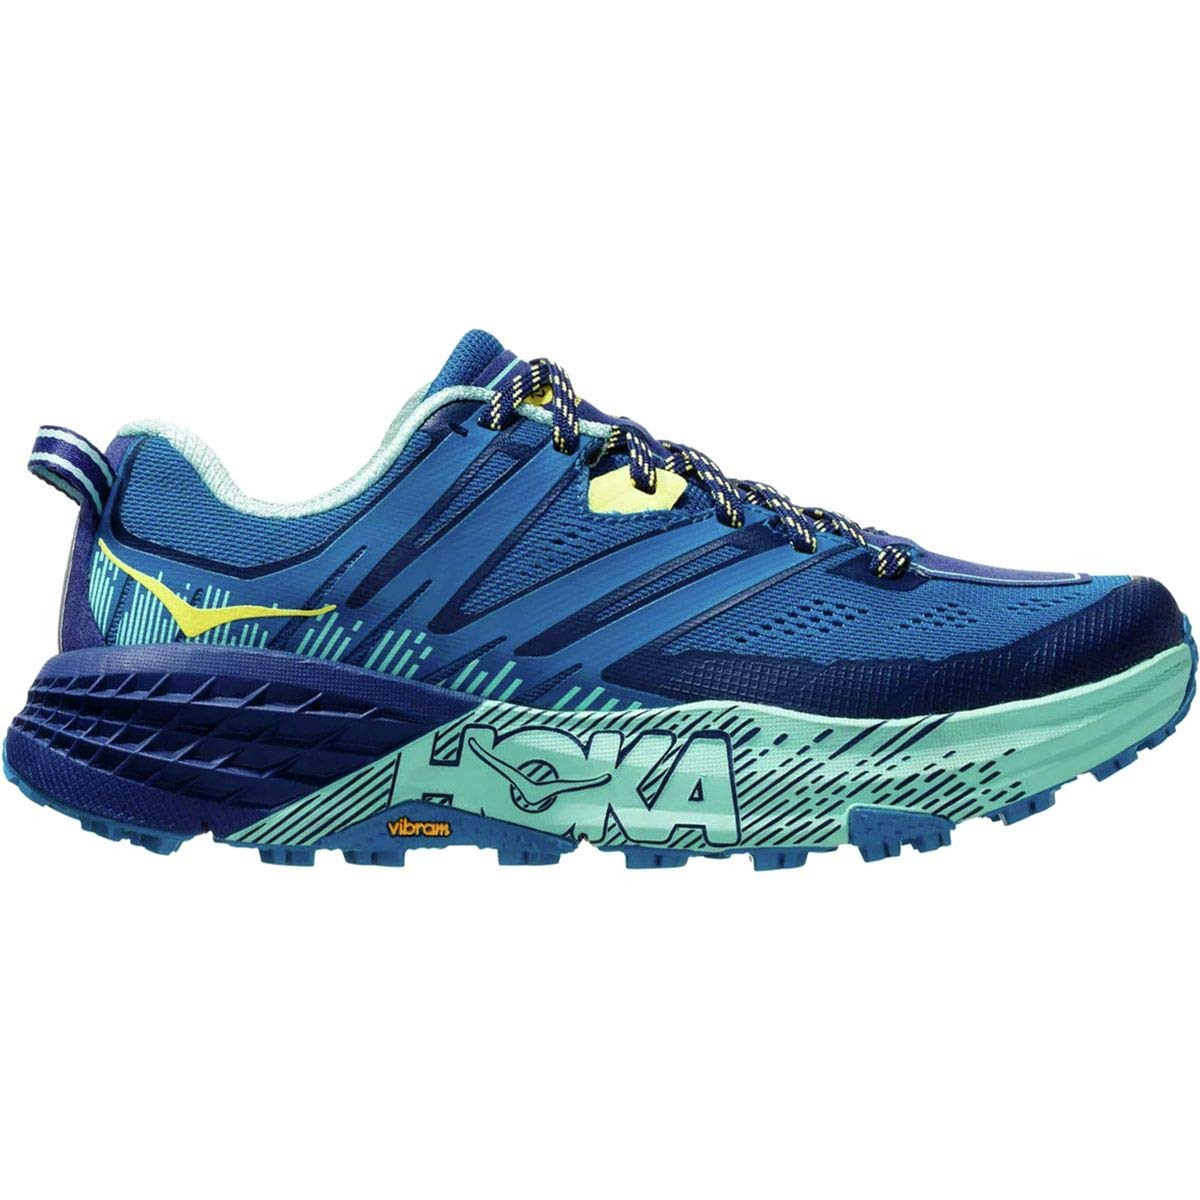 【予約販売品】 [ホッカオネオネ] レディース ランニング Speedgoat 3 3 Trail Running ランニング Shoe [並行輸入品] Trail B07P2XXLW8 7, 超歓迎:928ce9ac --- kupitport.ru